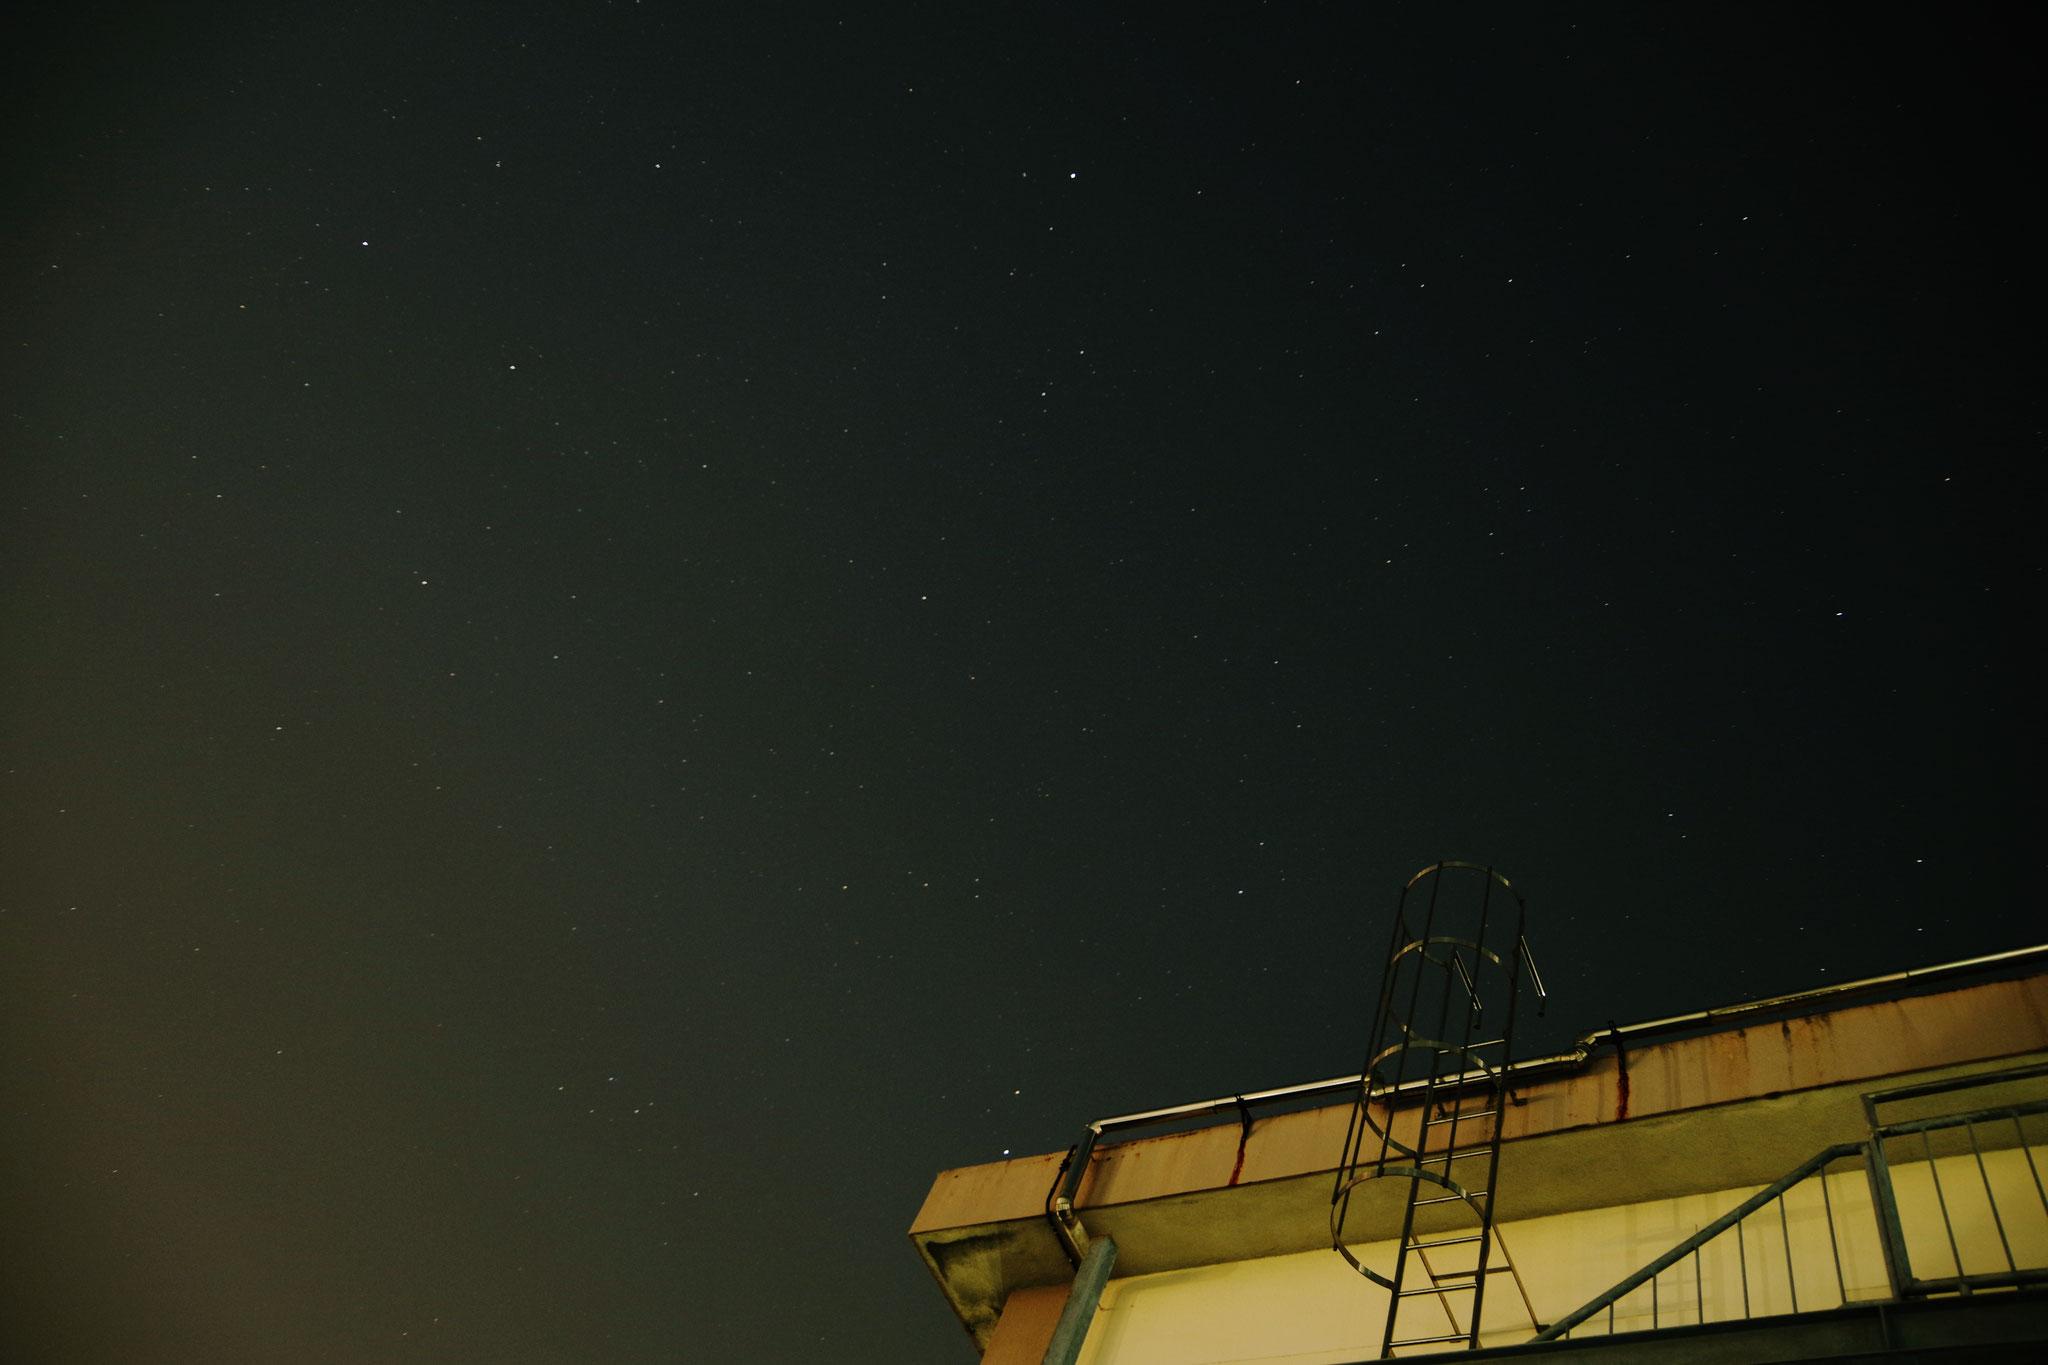 甲突の夜景2